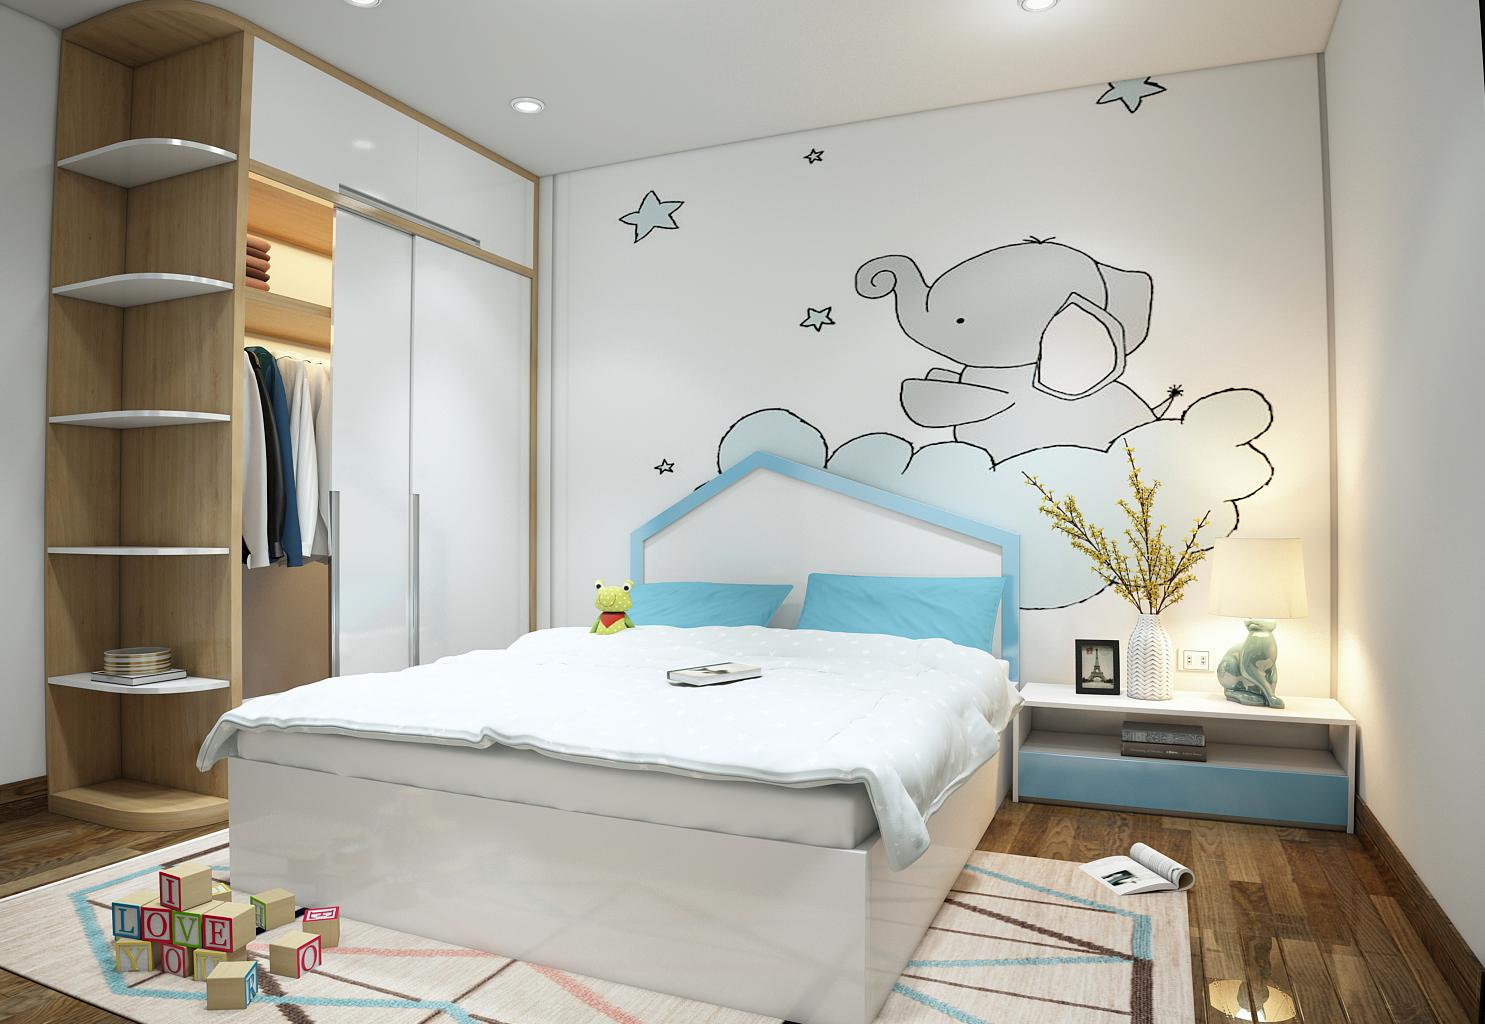 thiết kế nội thất chung cư tại Hà Nội Chung Cư An Bình City 13 1538039736